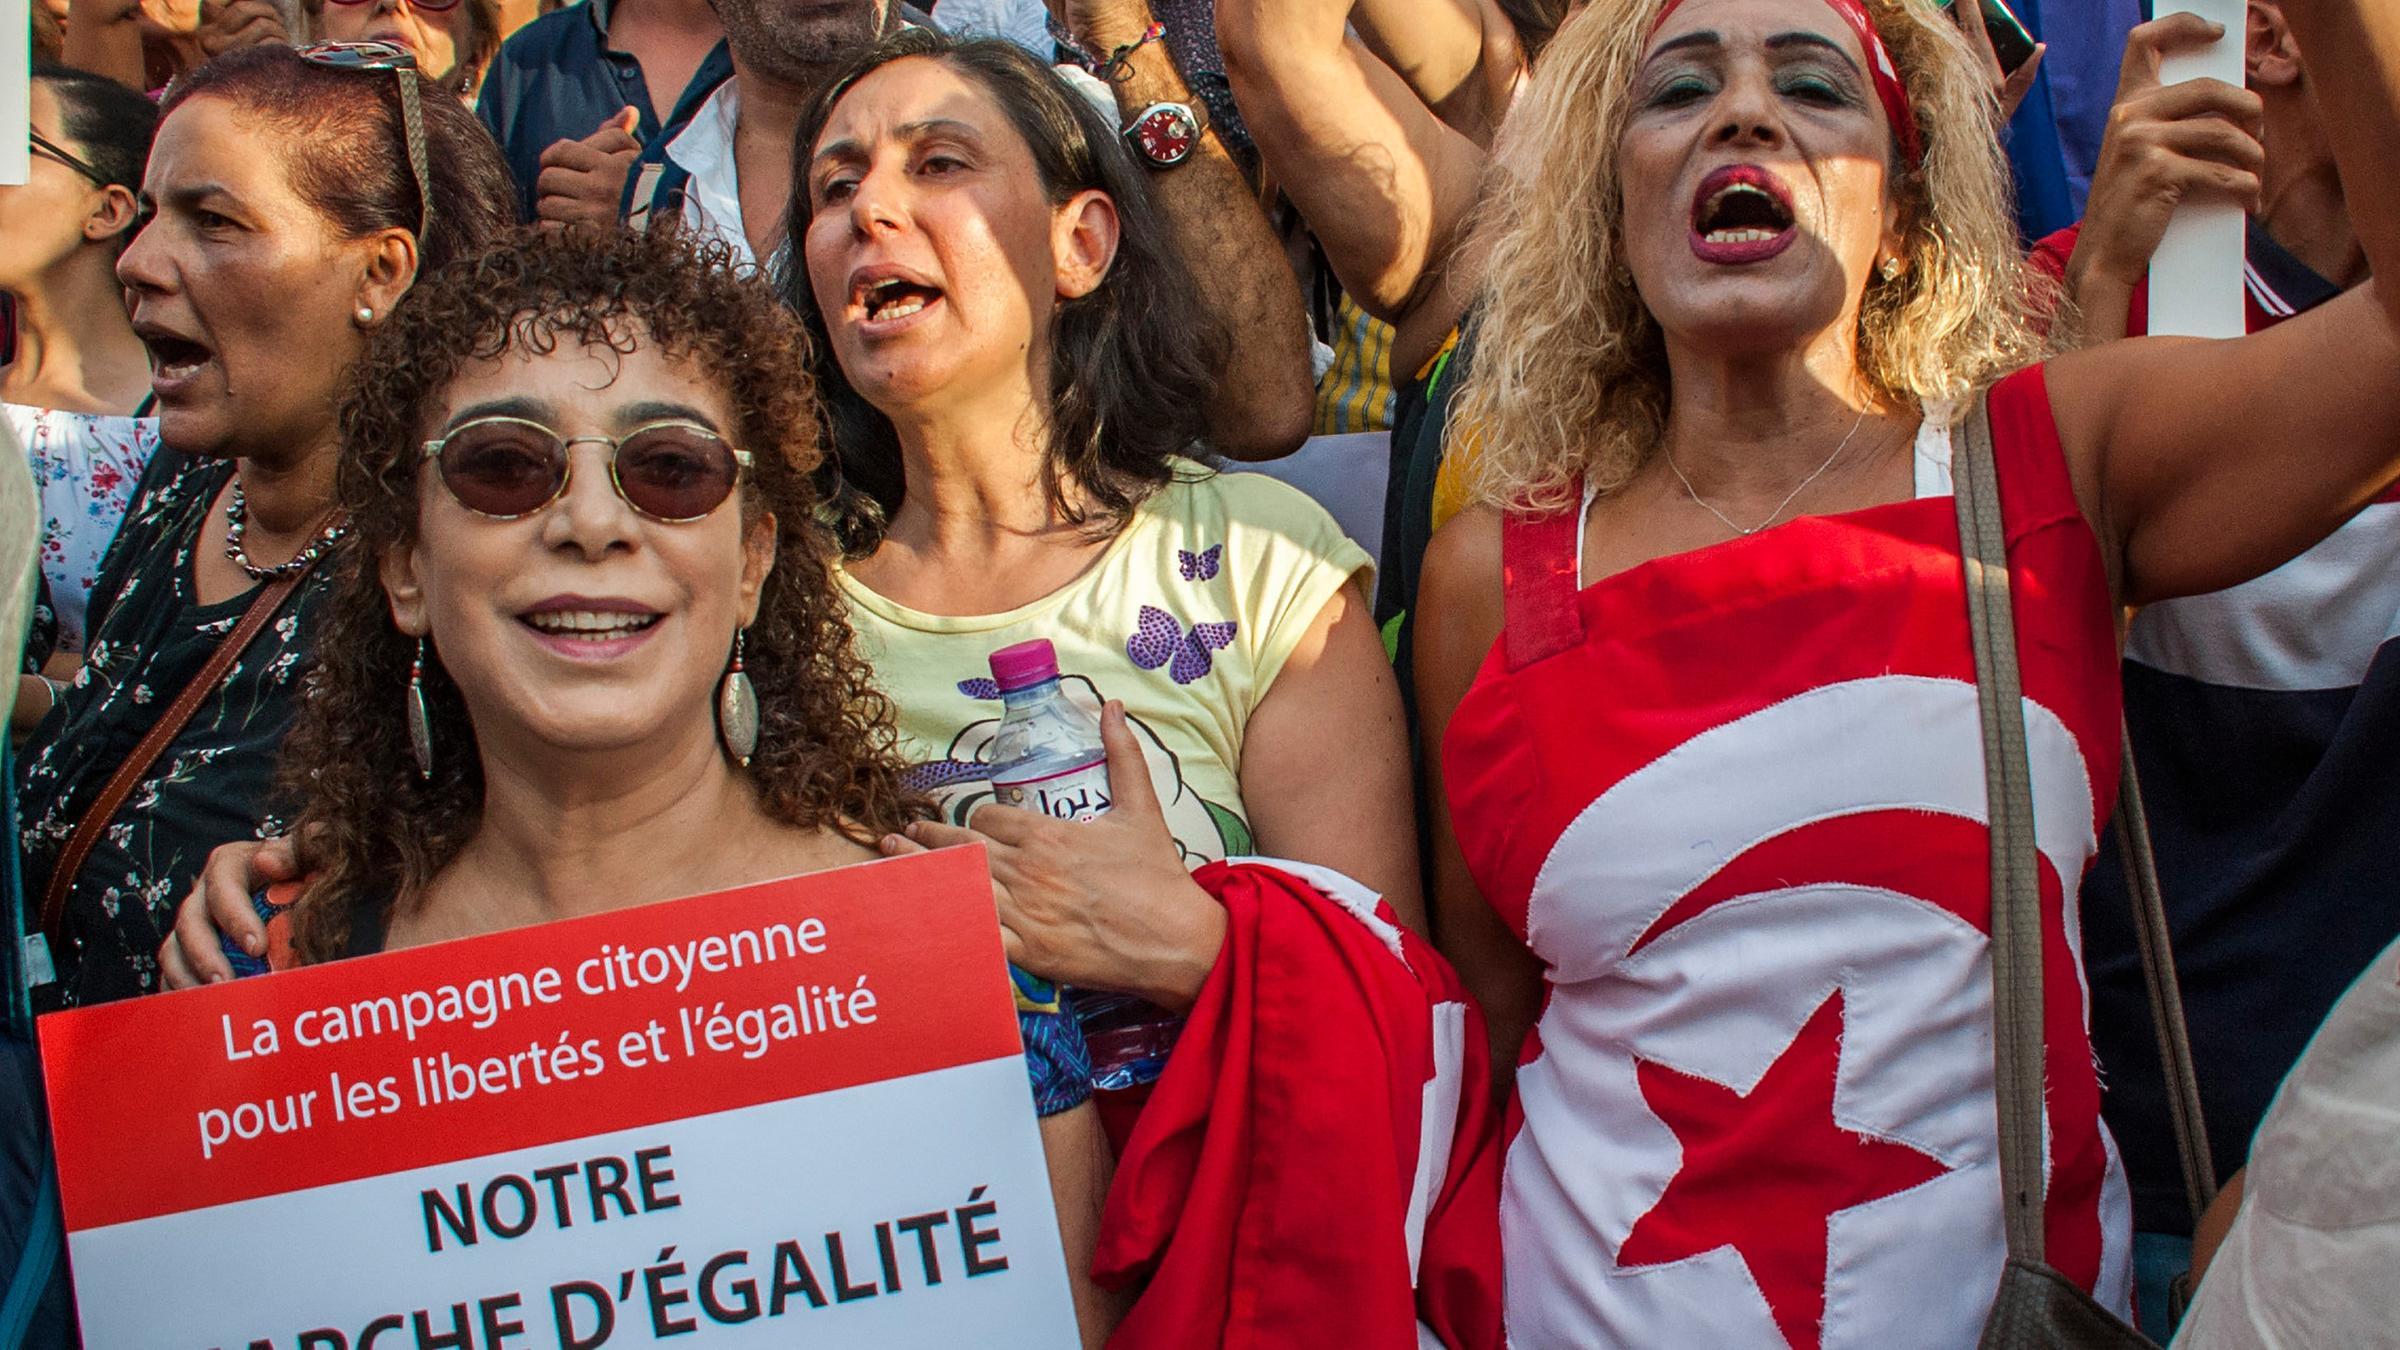 Frau in tunisie sucht mann